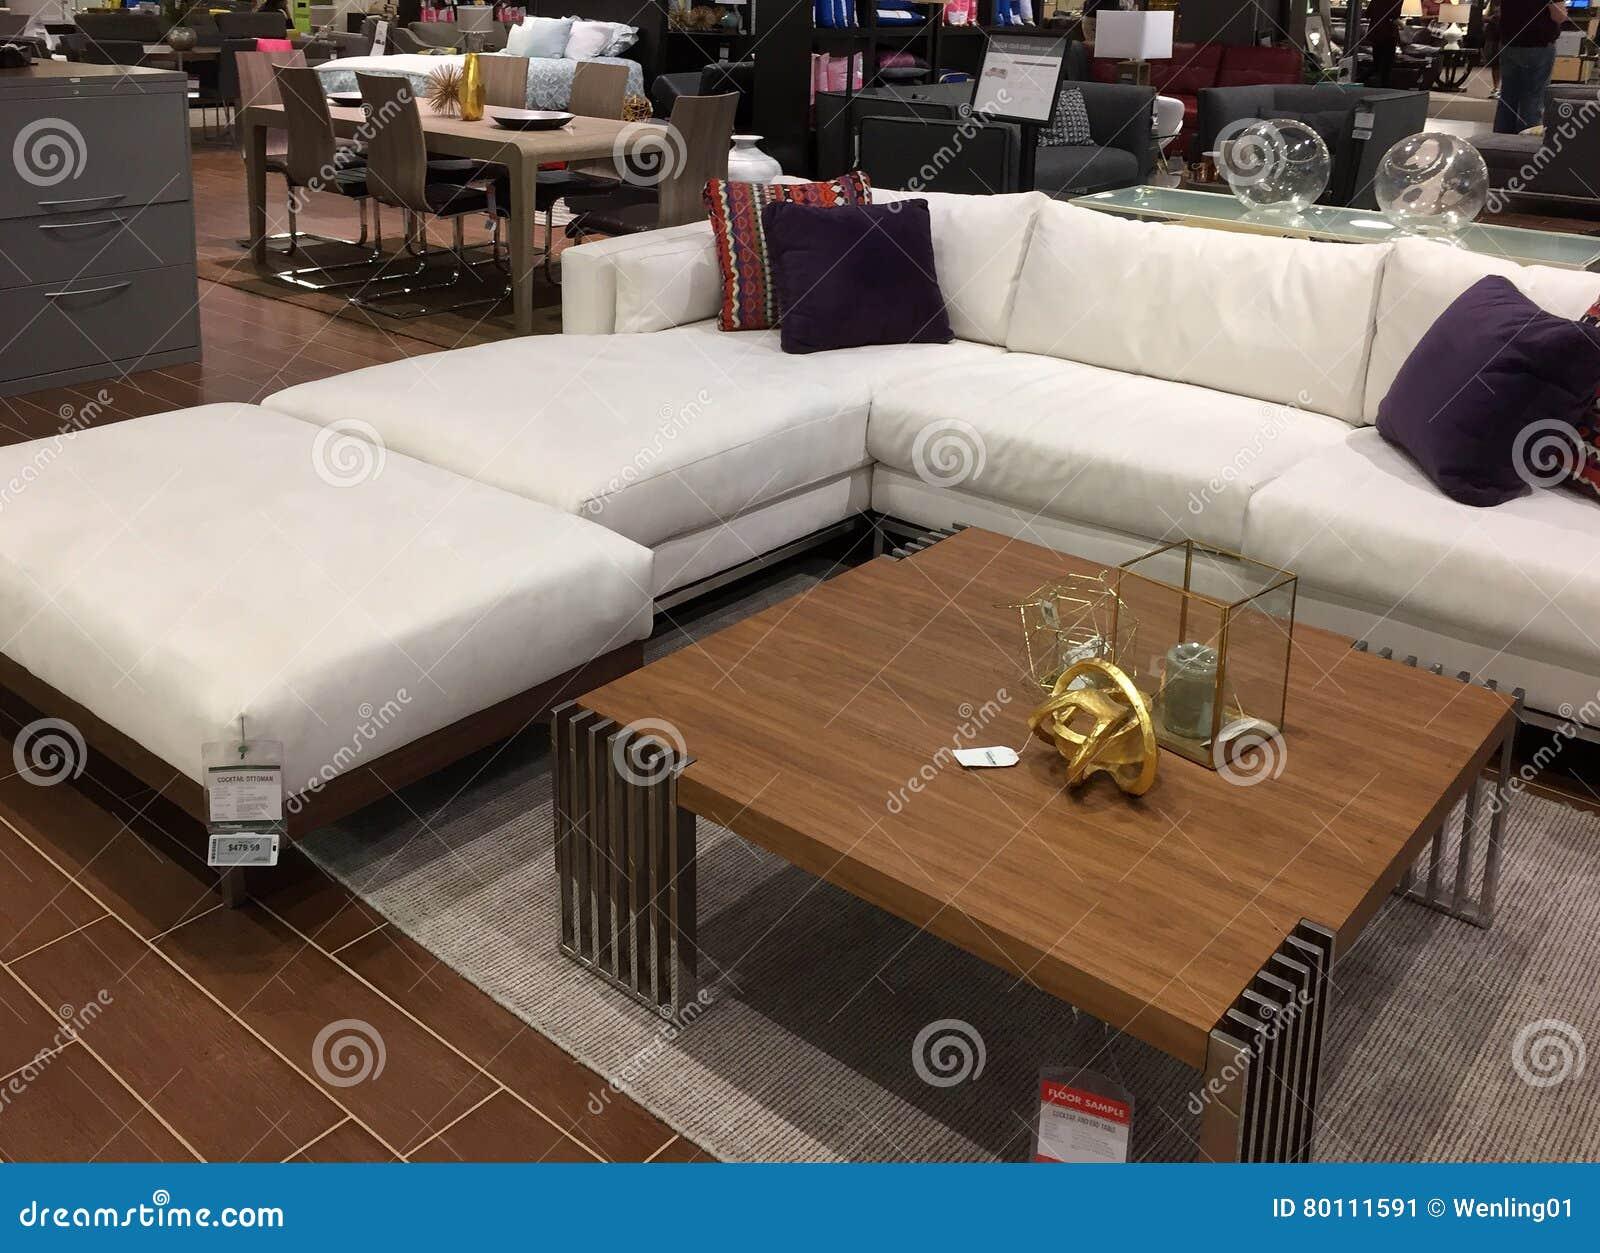 Nice furniture sale at furniture market tx usa